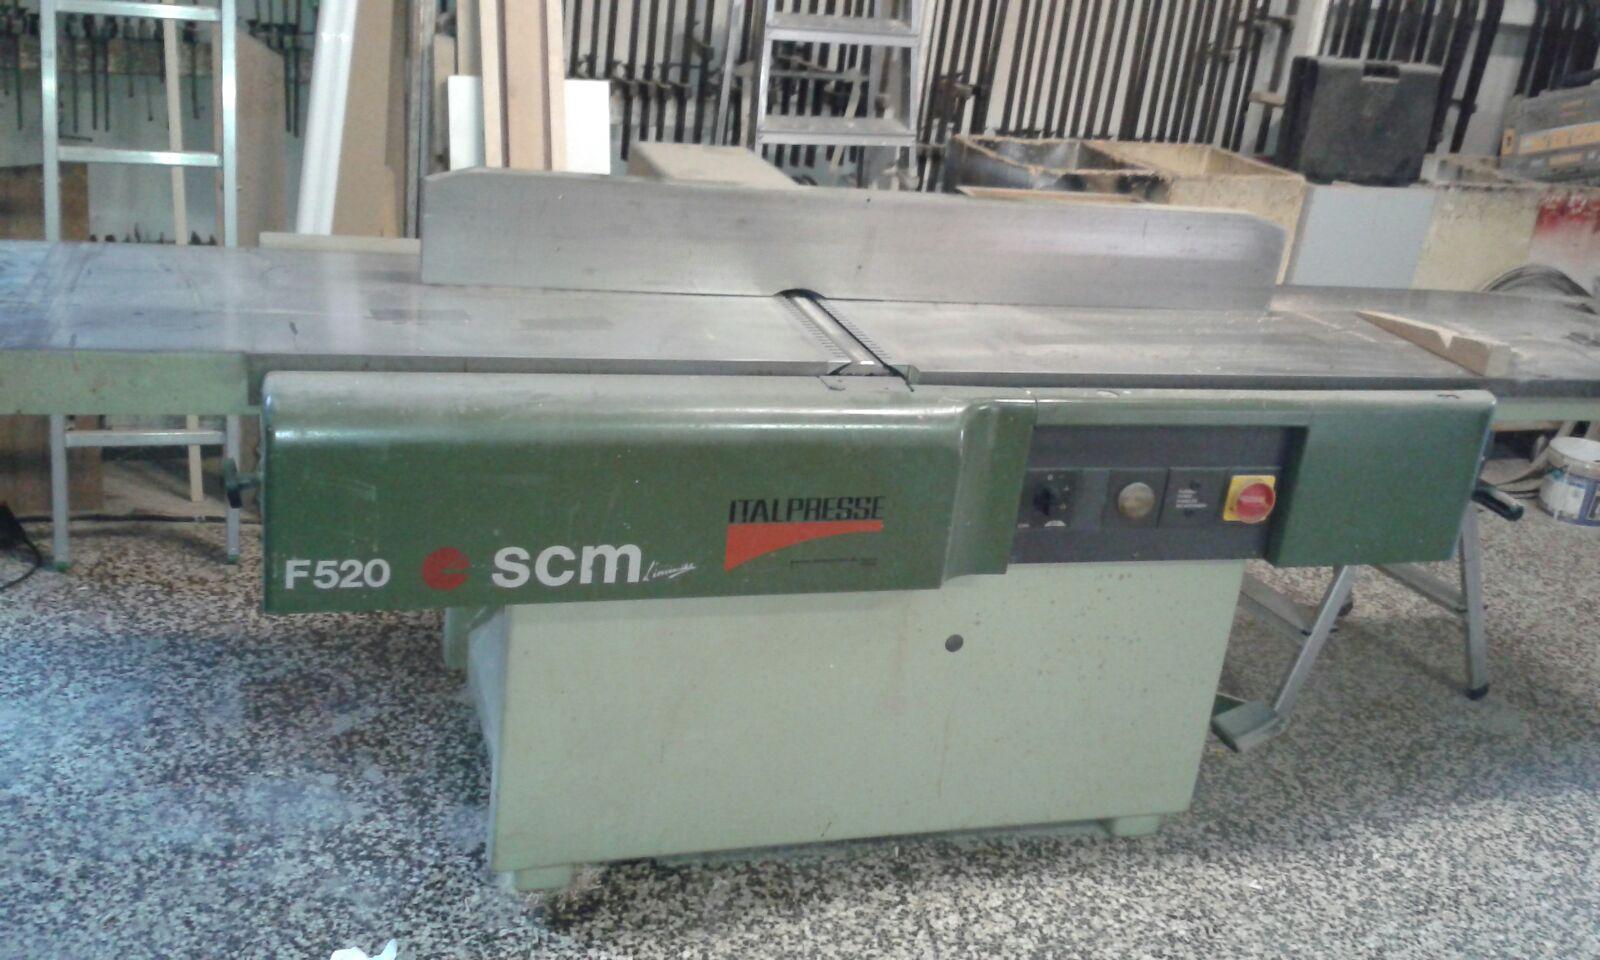 Macchinario per il legno SCM F 520